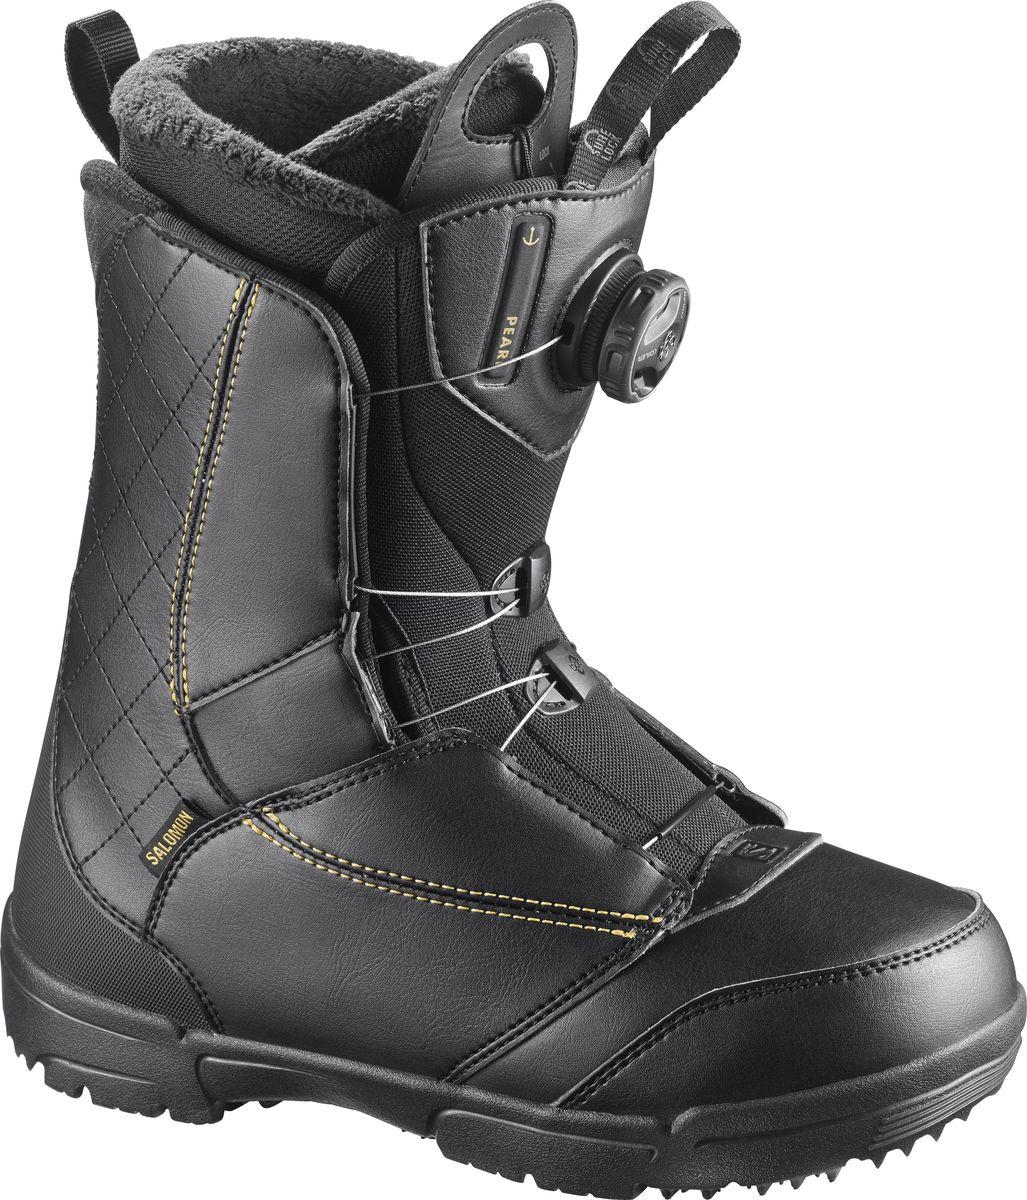 Ботинки для сноуборда Salomon Pearl Boa, цвет: черный, золотистый. Размер 25 (38)L39868900Простые, быстрые, женственные - Pearl BOA отличаются потрясающим утеплением, посадкой и долговечностью.